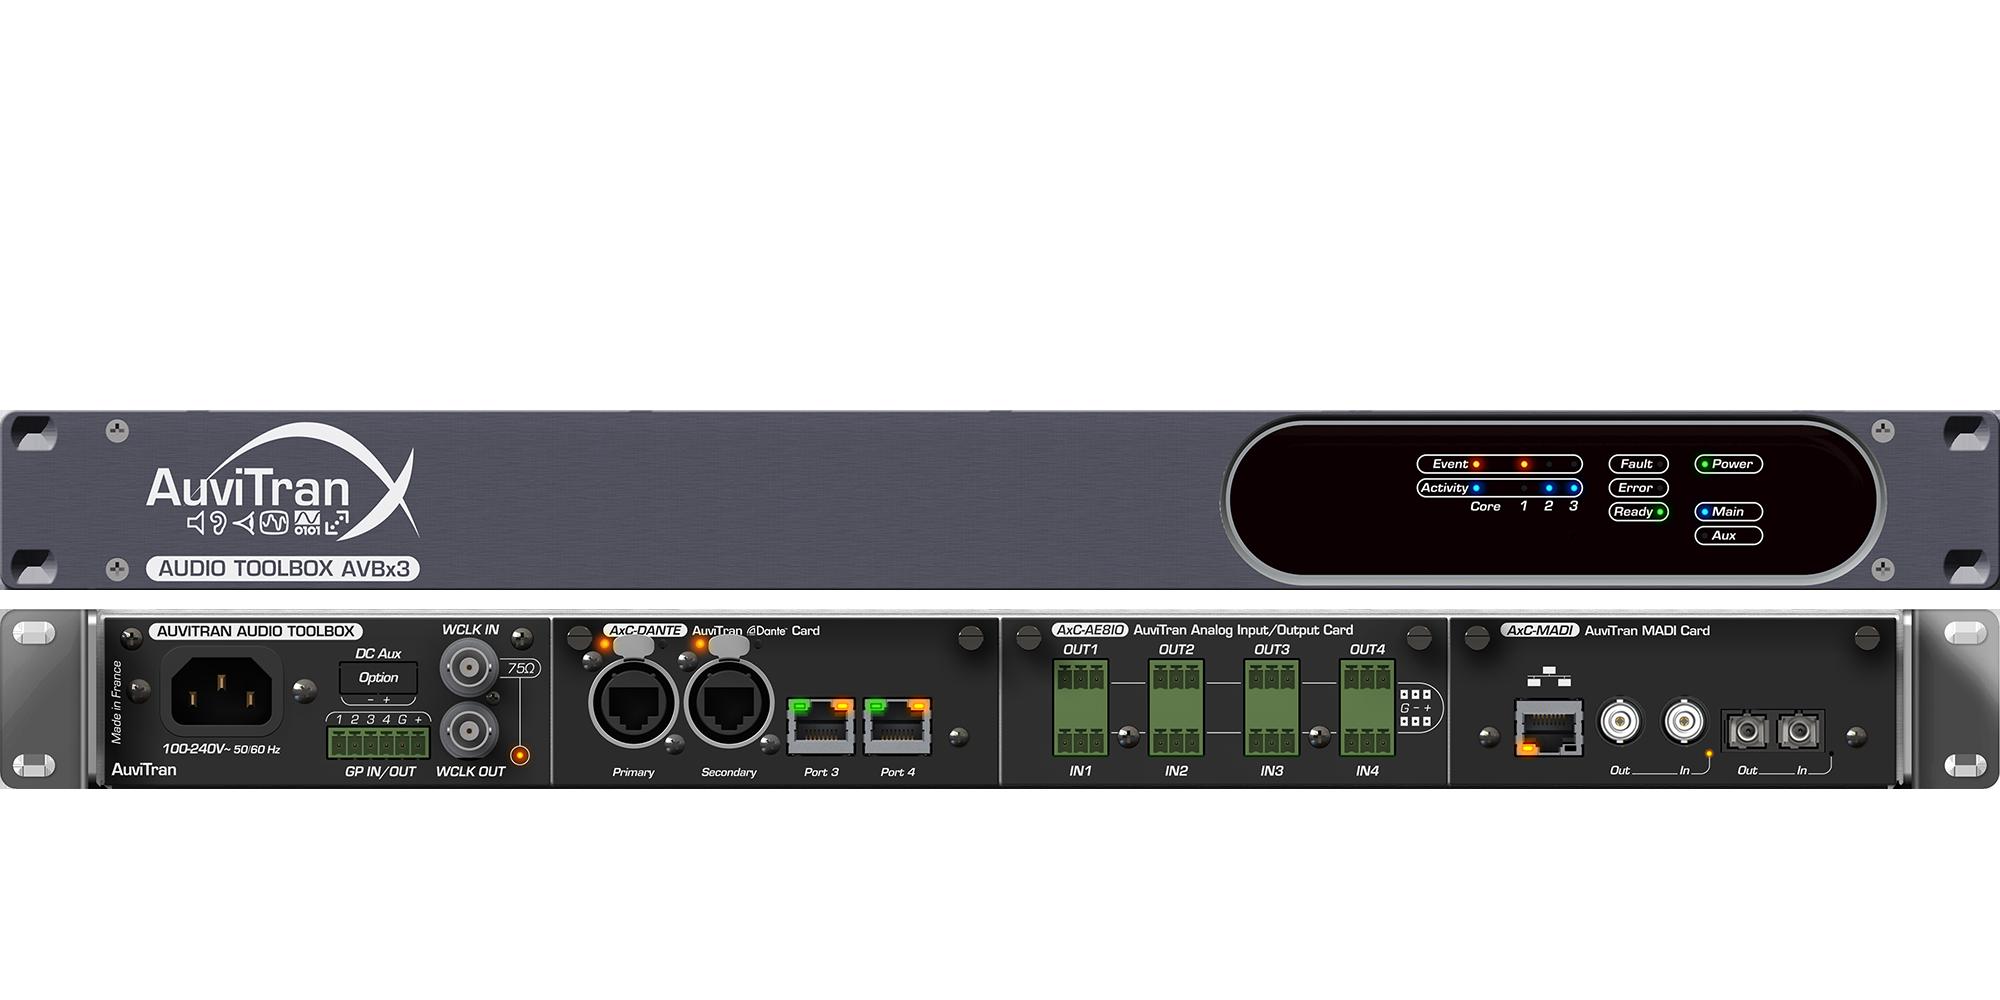 AuviTran ToolBox Model AVBx3 for Installation